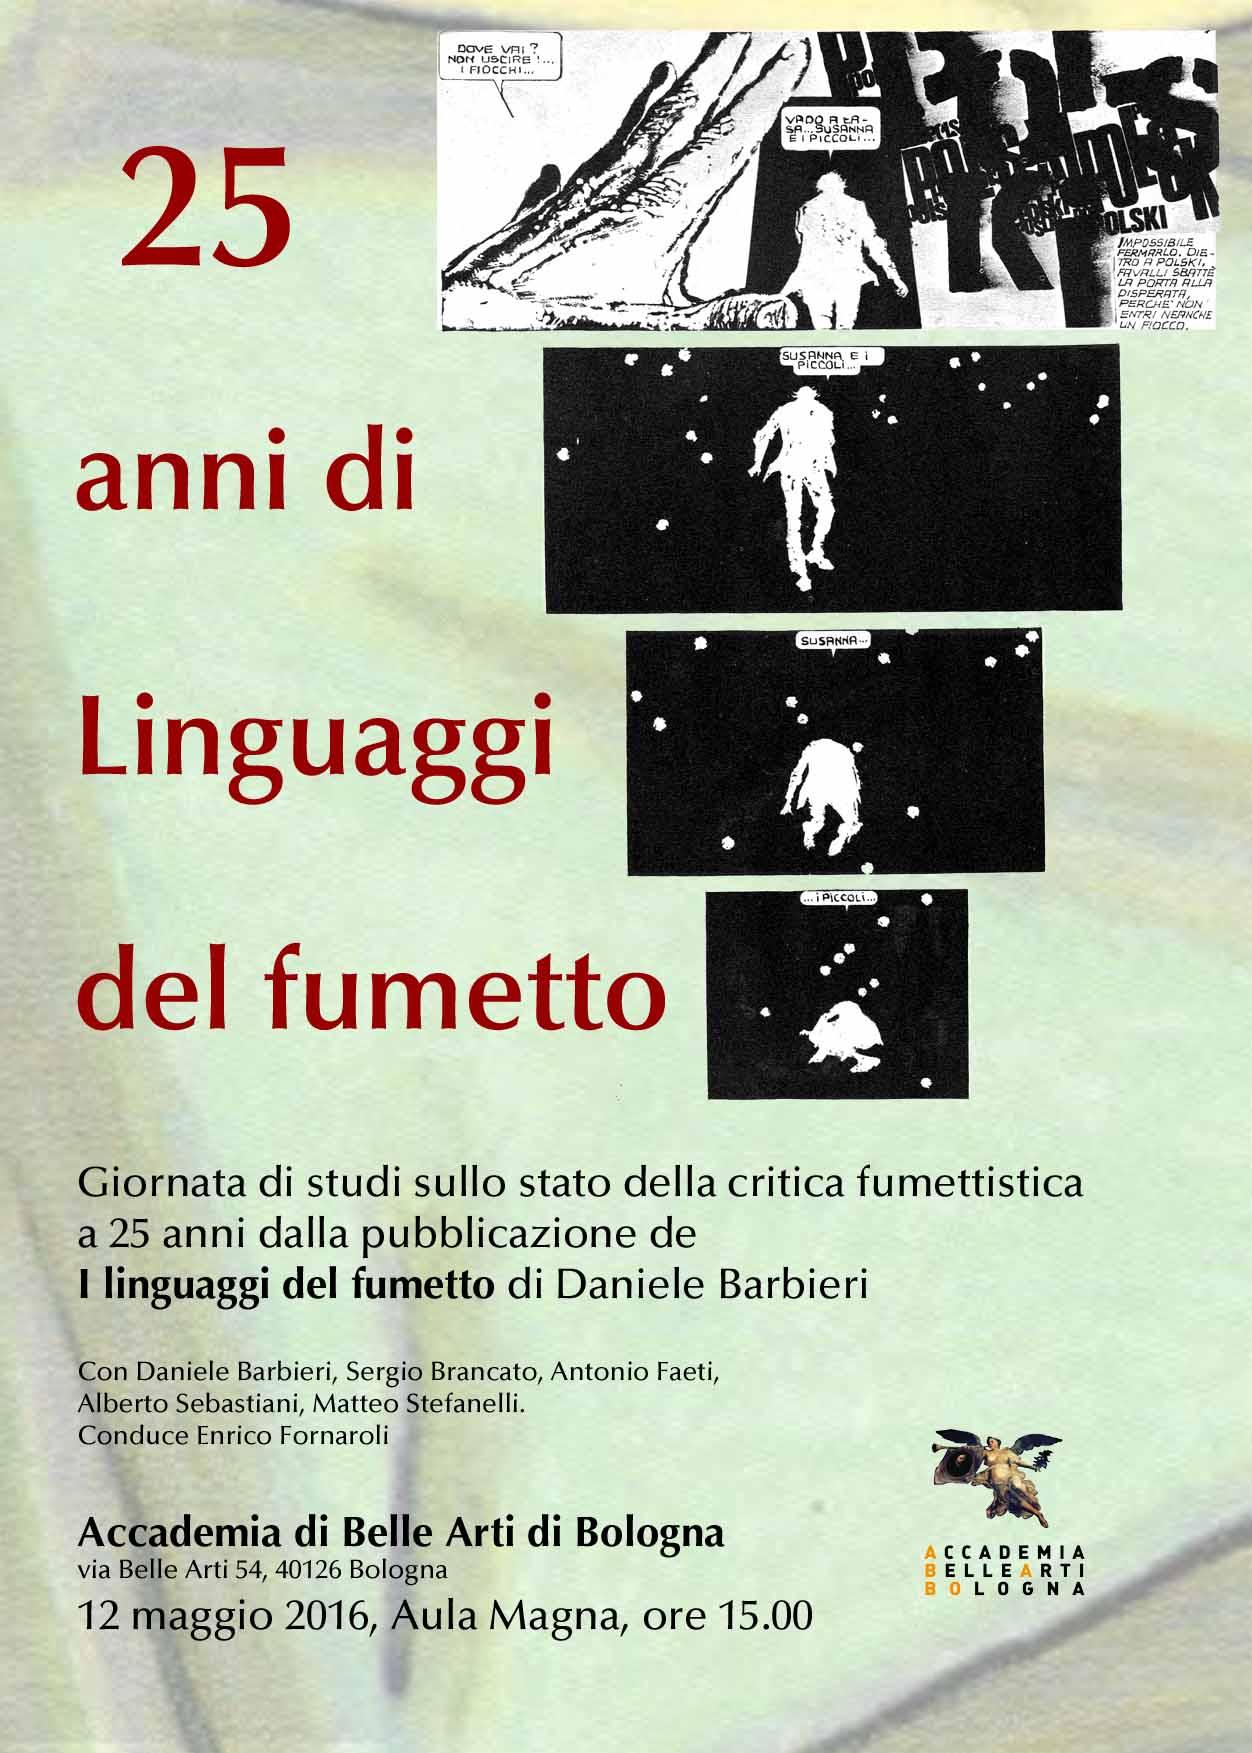 Locandina 25 anni di Linguaggi del fumetto